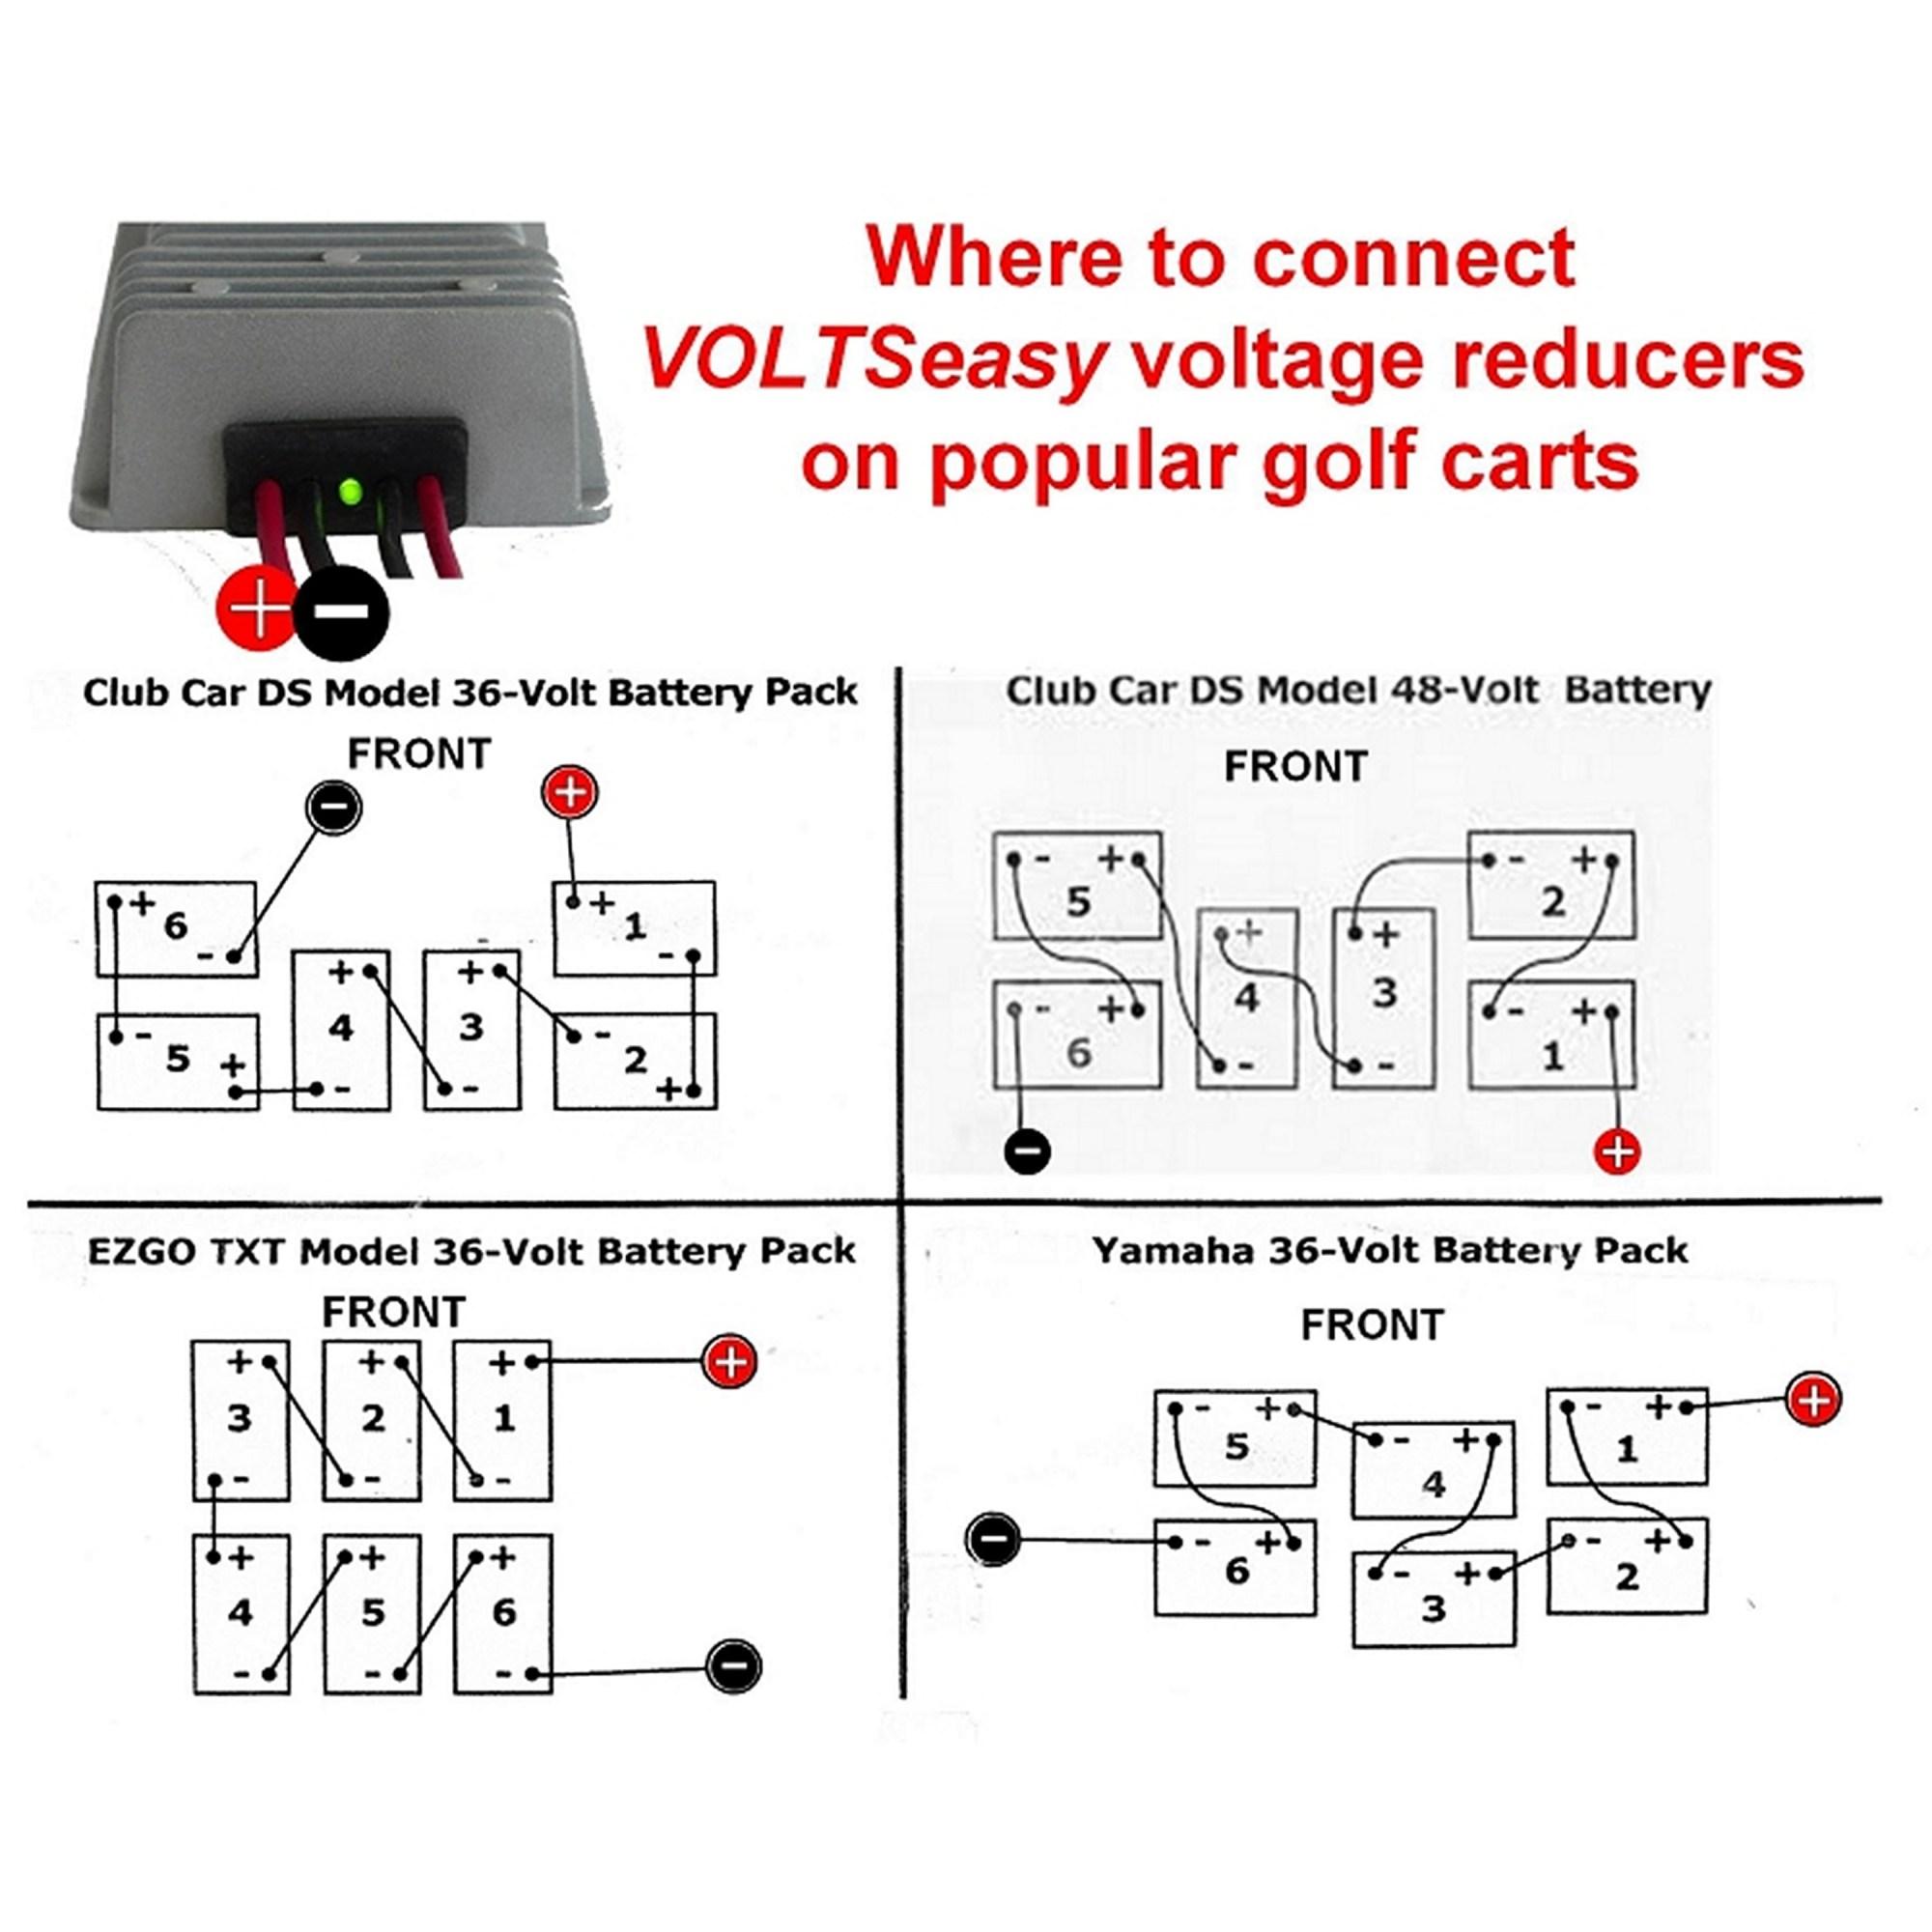 hight resolution of 48 volt wiring diagram reducer wiring diagram schematics golf cart 48 volt ezgo wiring diagram club car 48 volt to 12 volt reducer wiring diagram